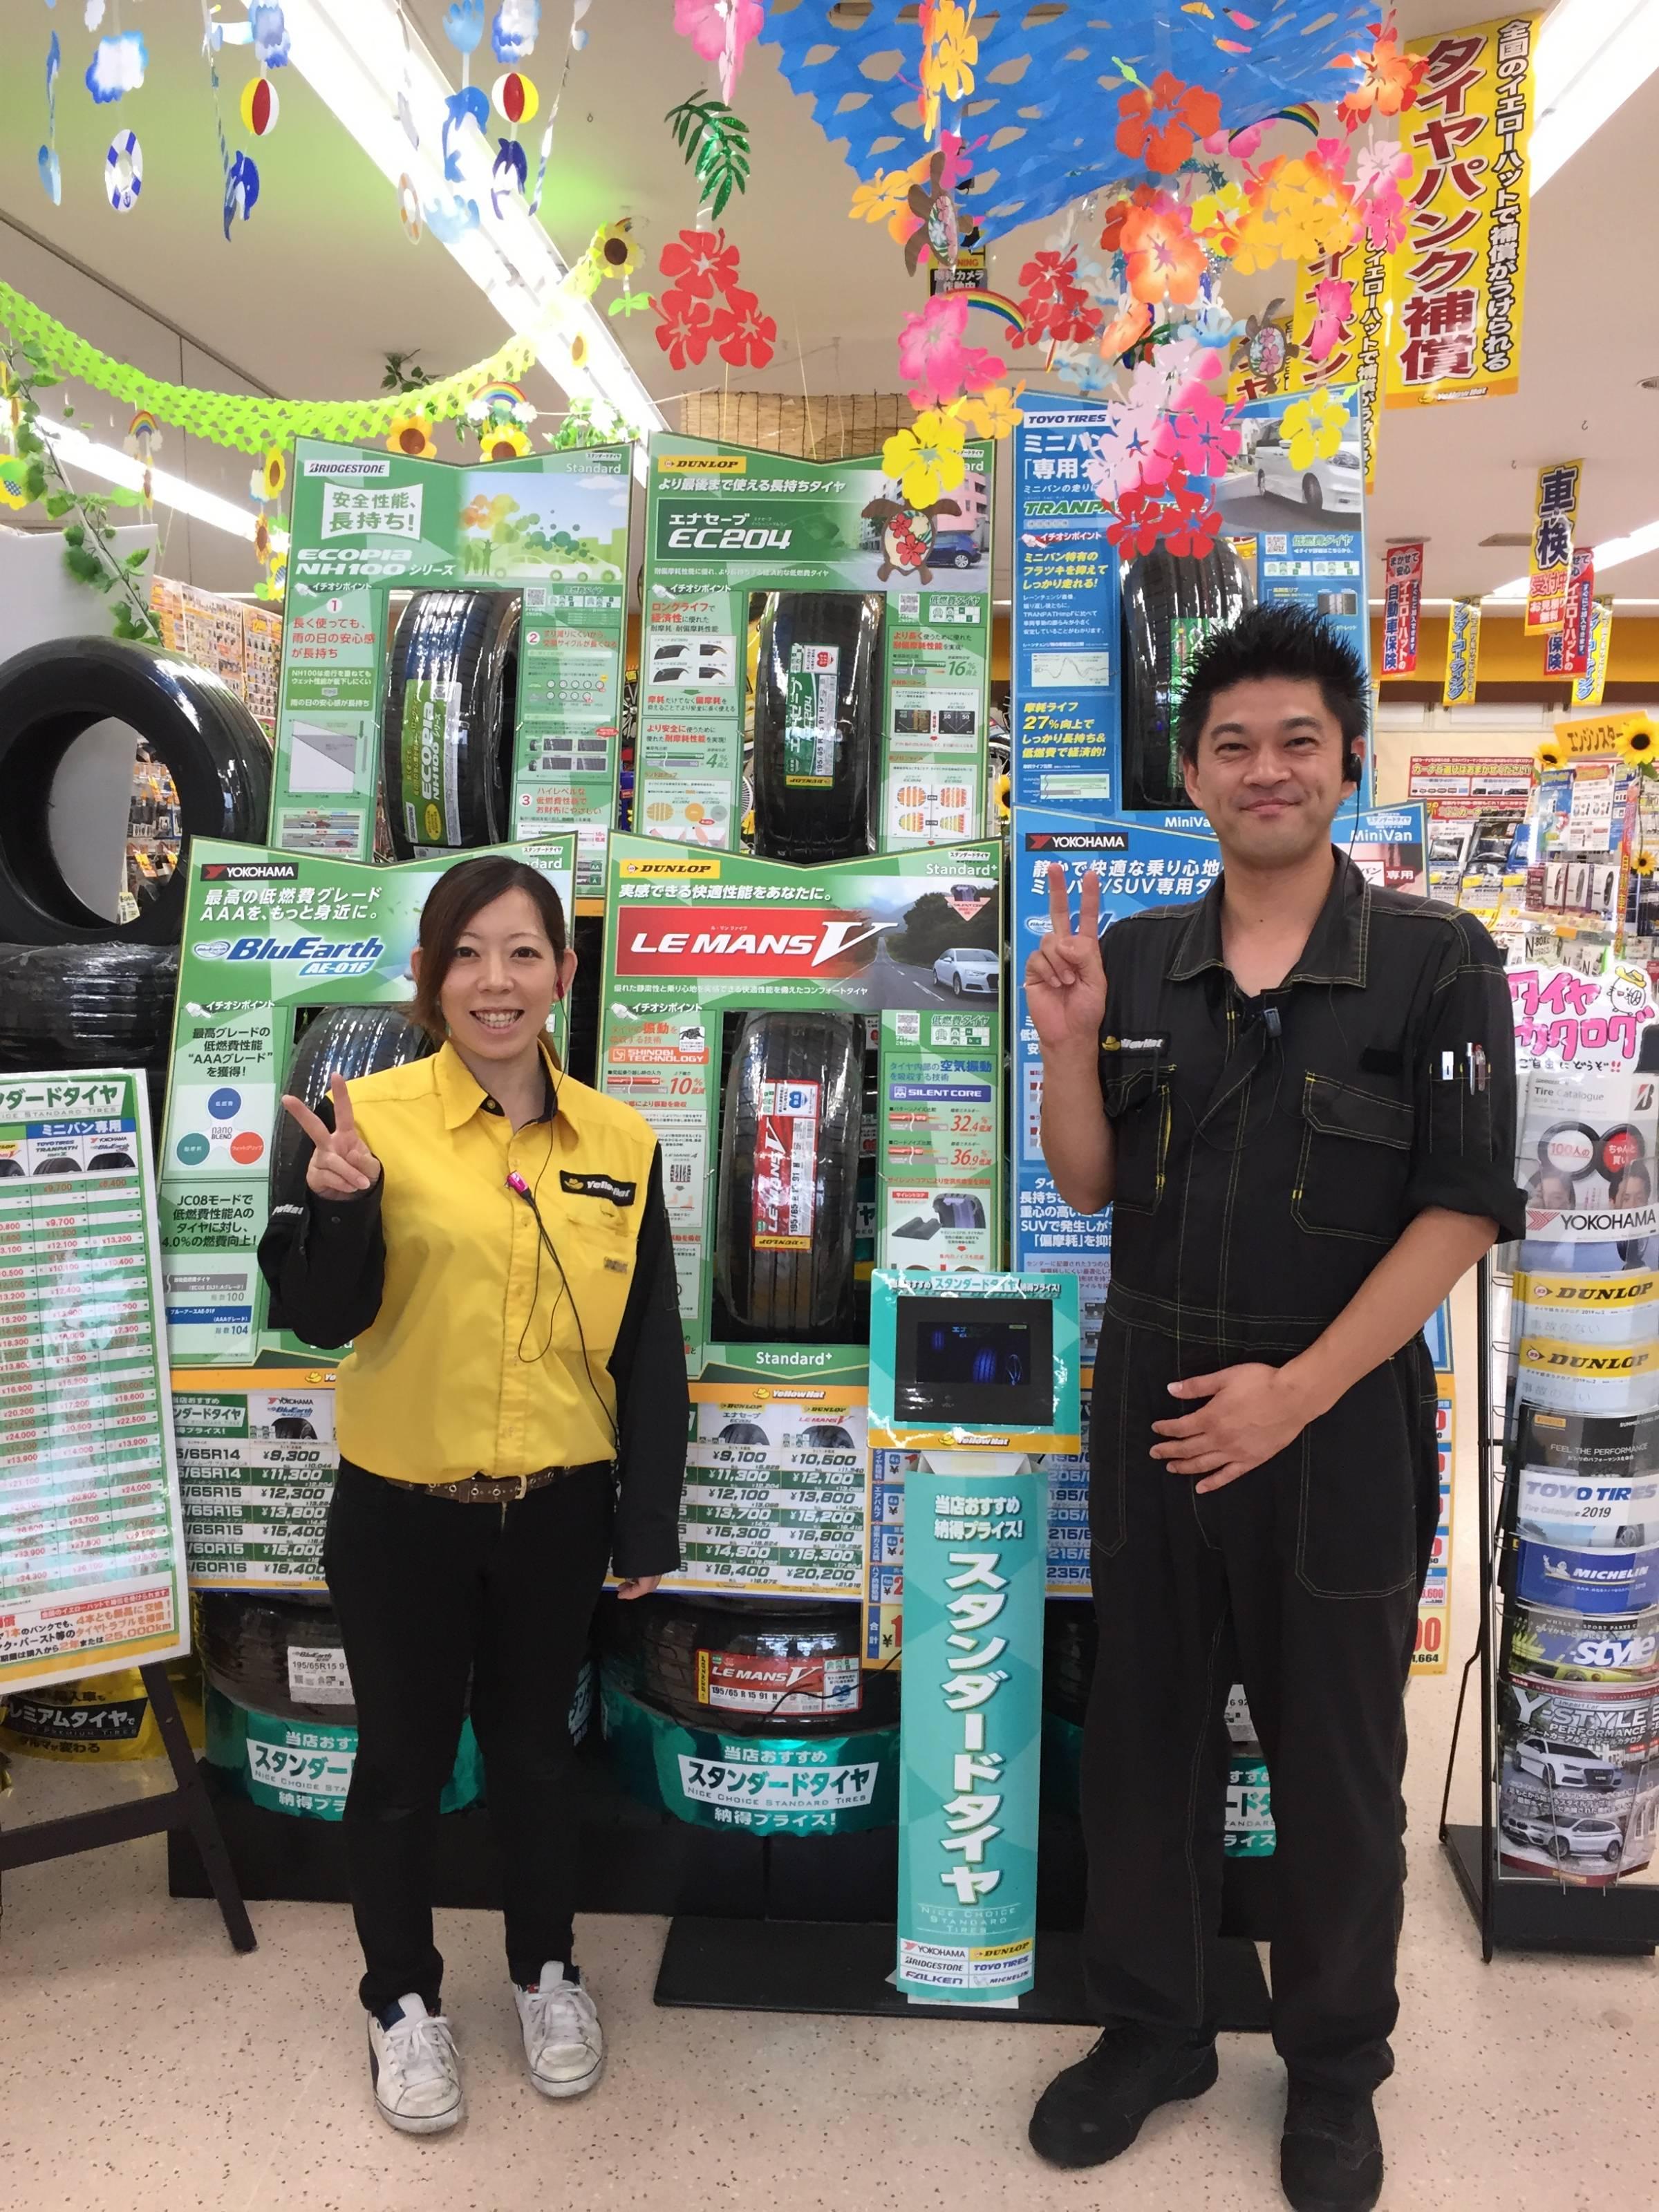 イエローハット 坂井三国店(株式会社福井イエローハット)